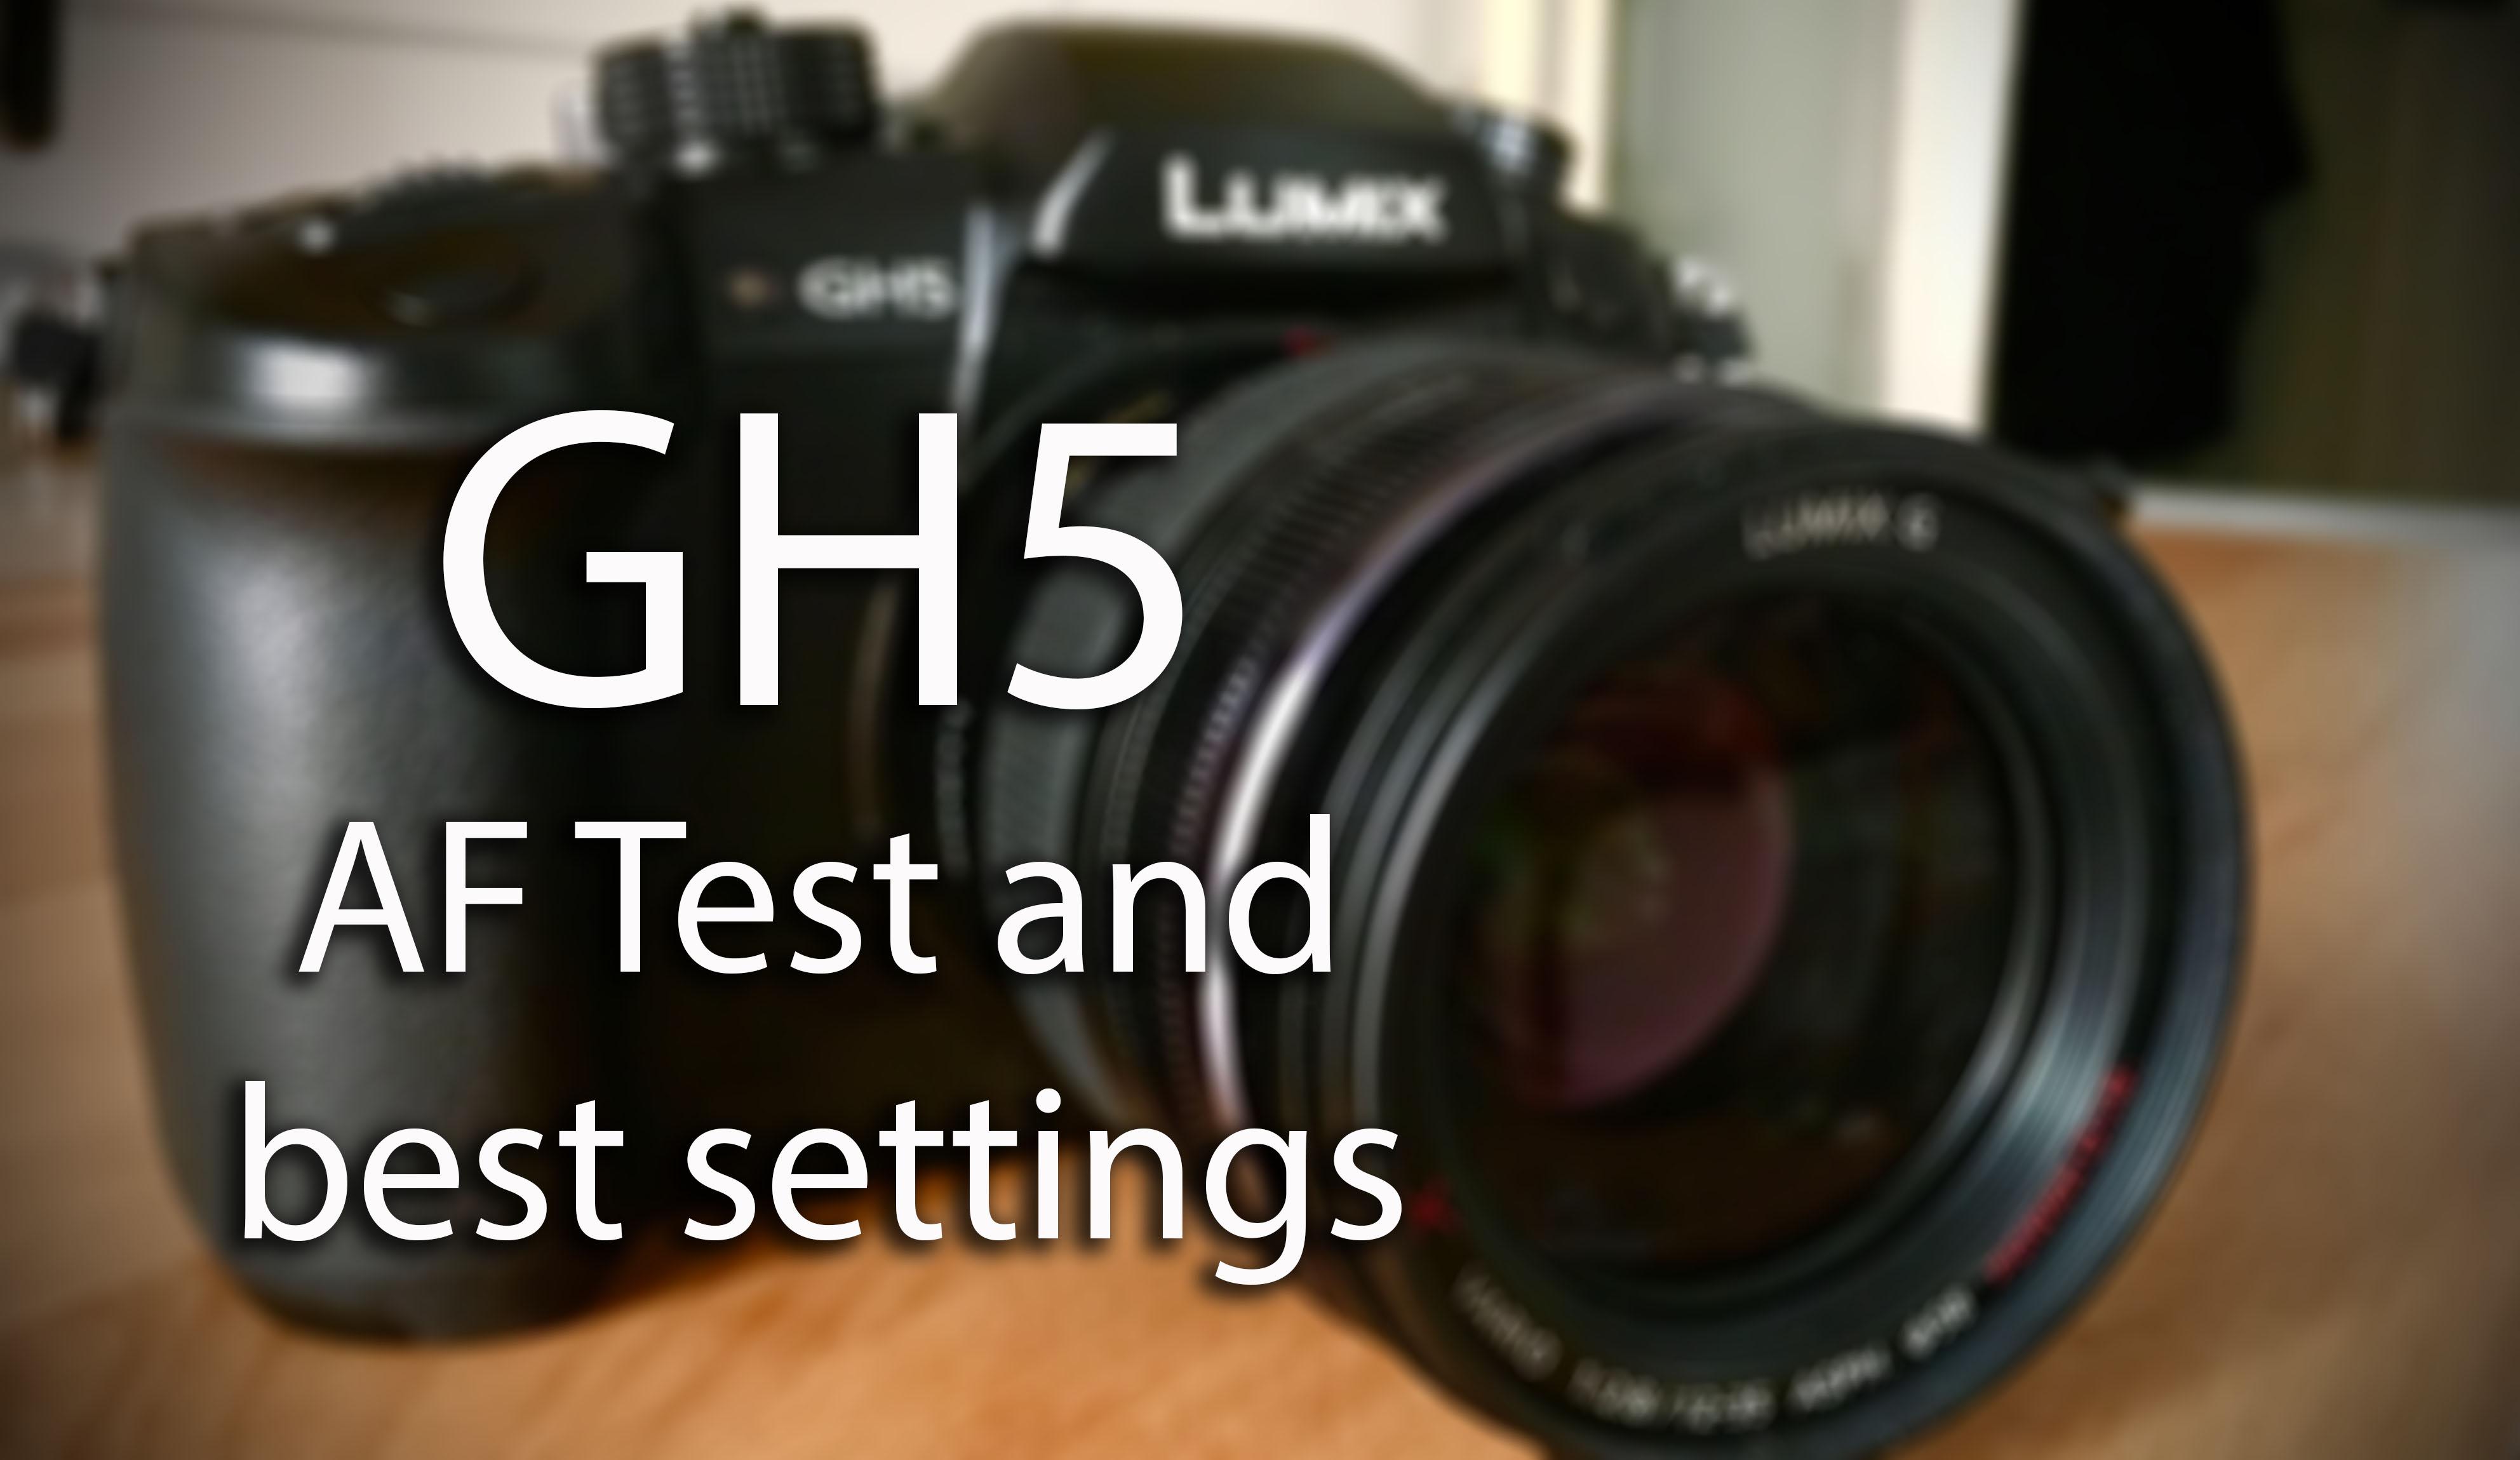 GH5 Autofocus Test